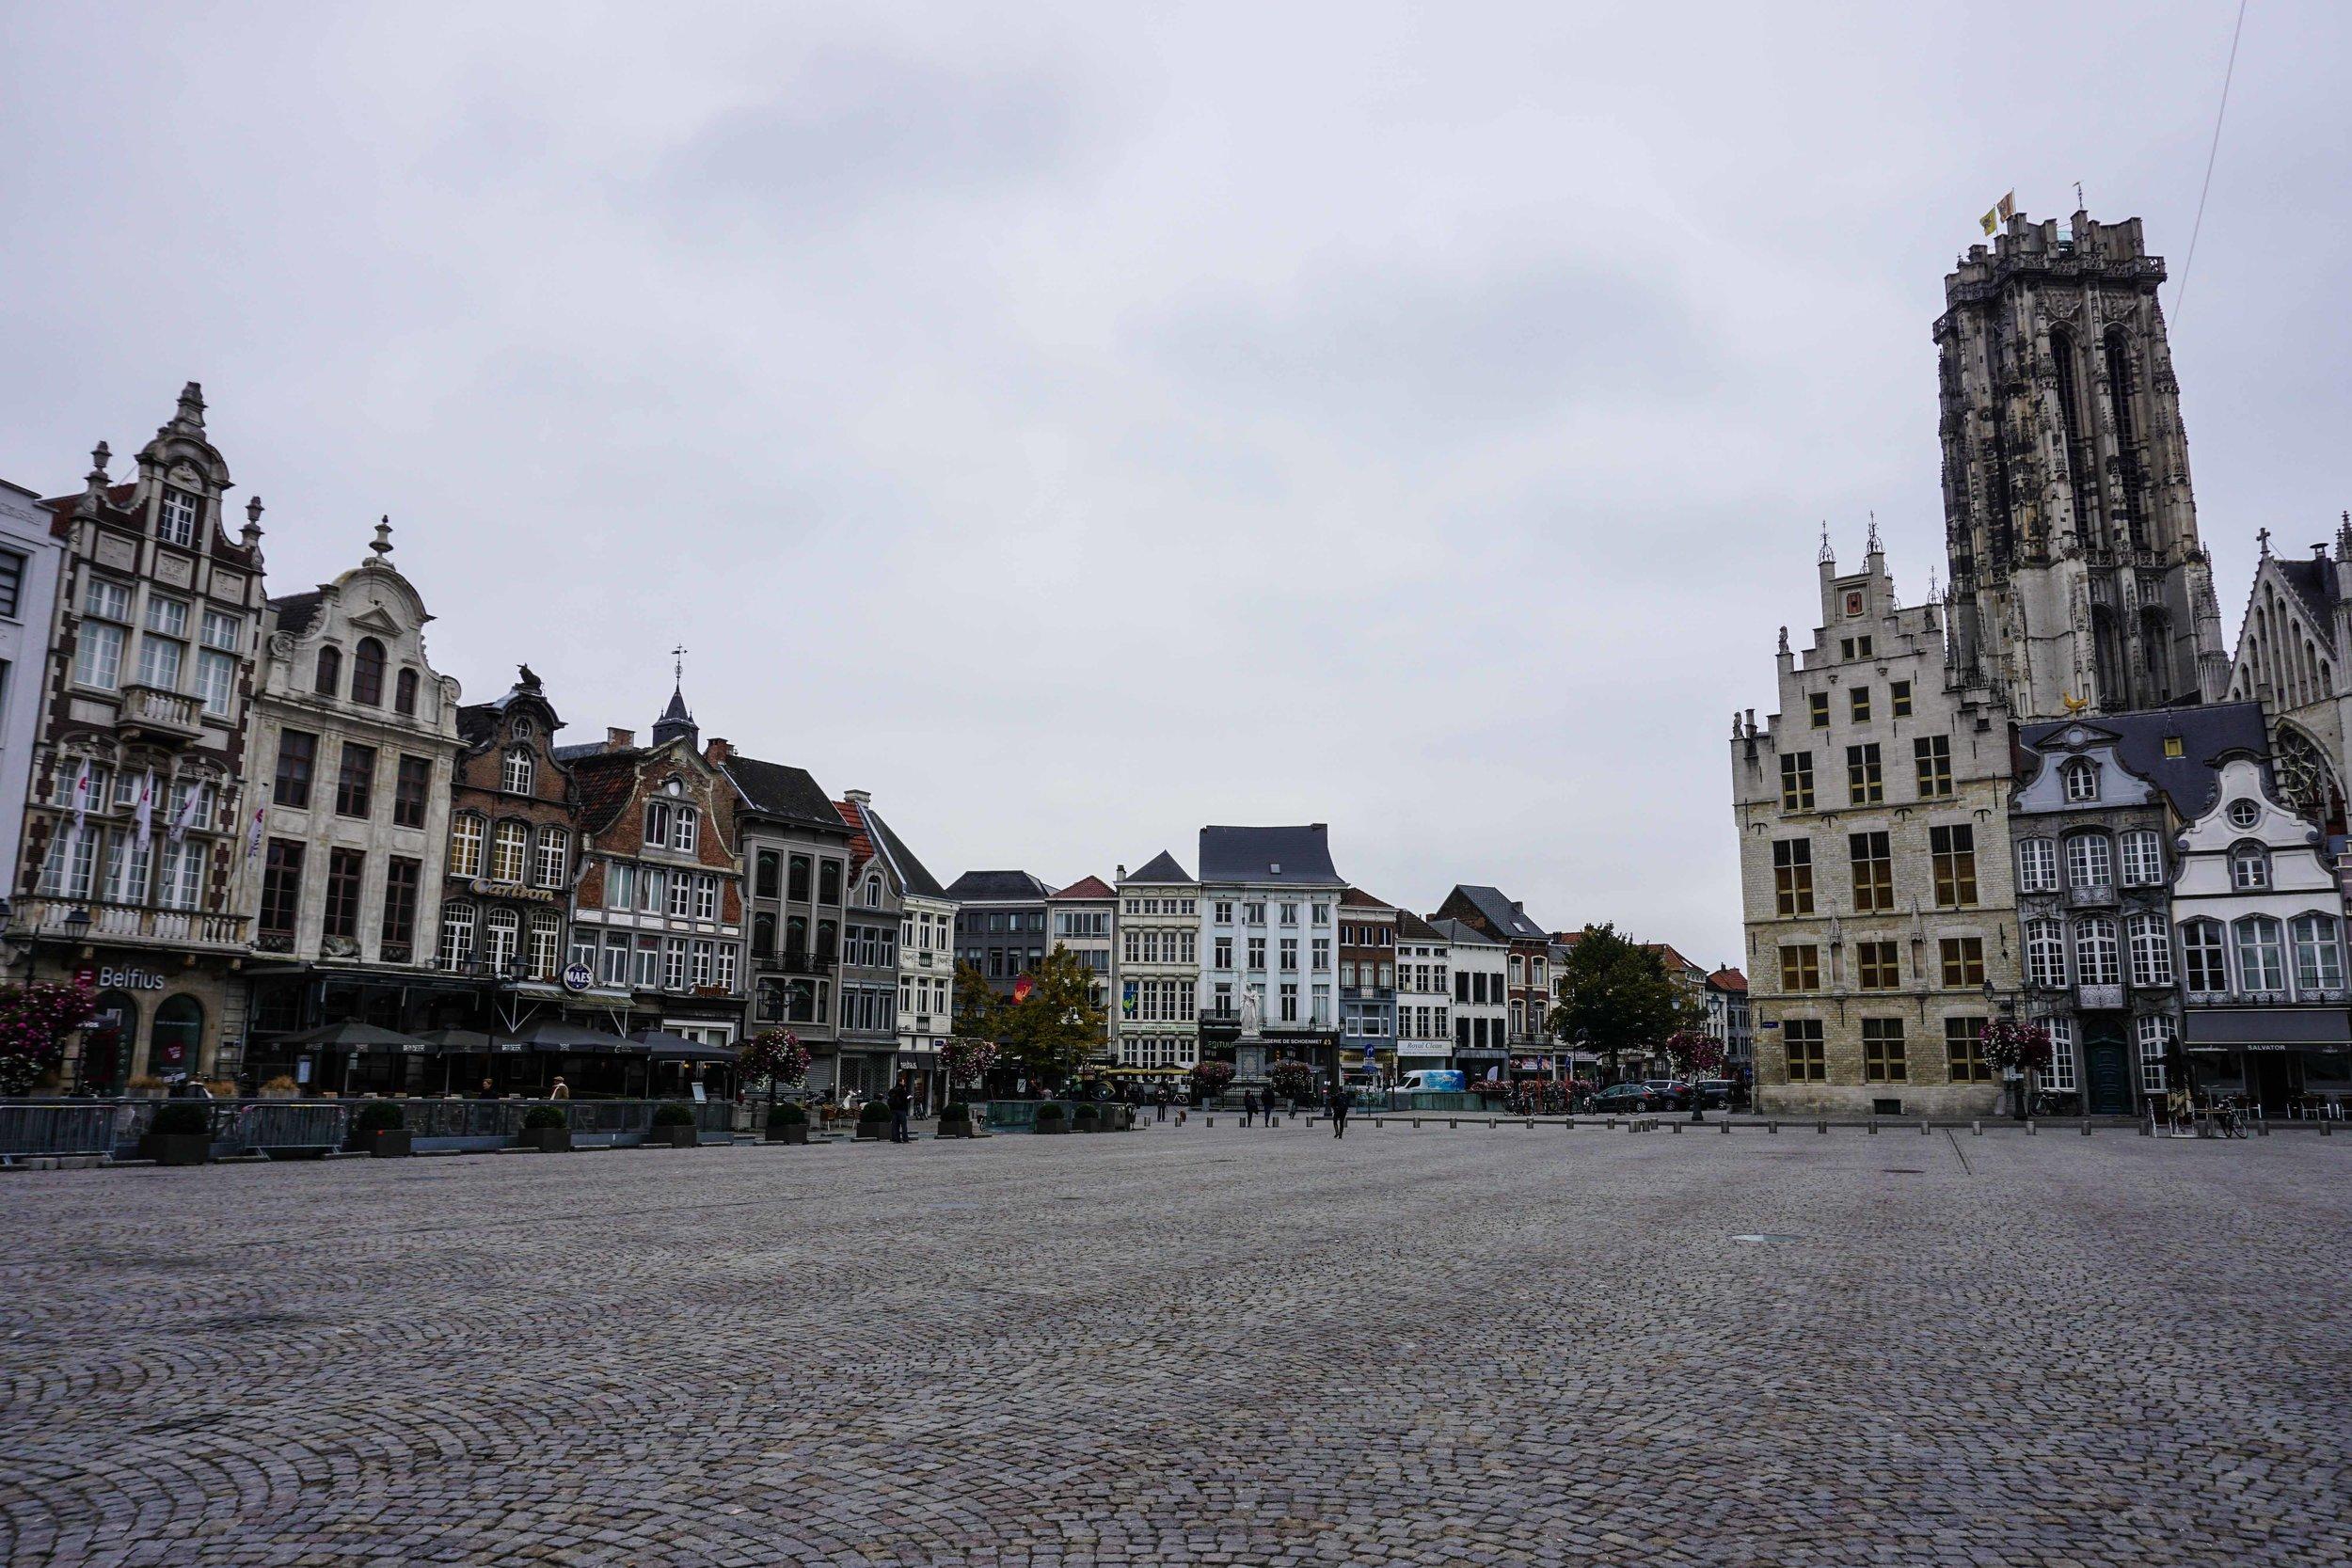 Mechelen city center square